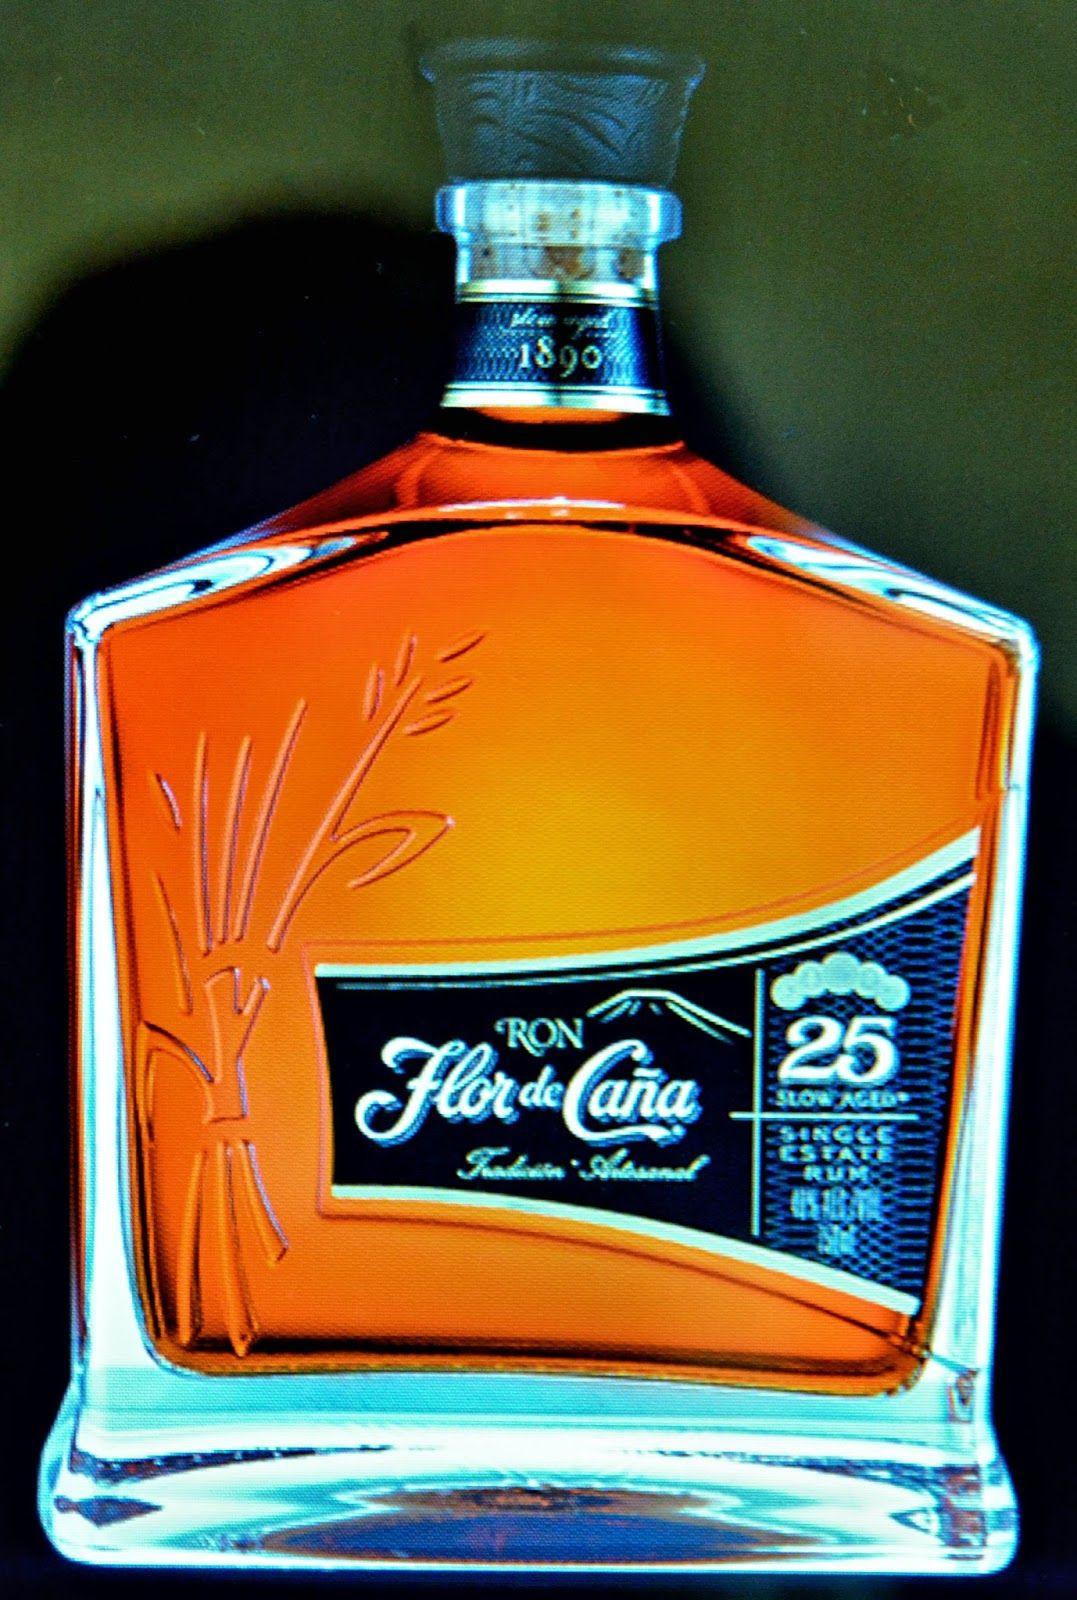 Flor de Caña 25 Slow Aged Rum -